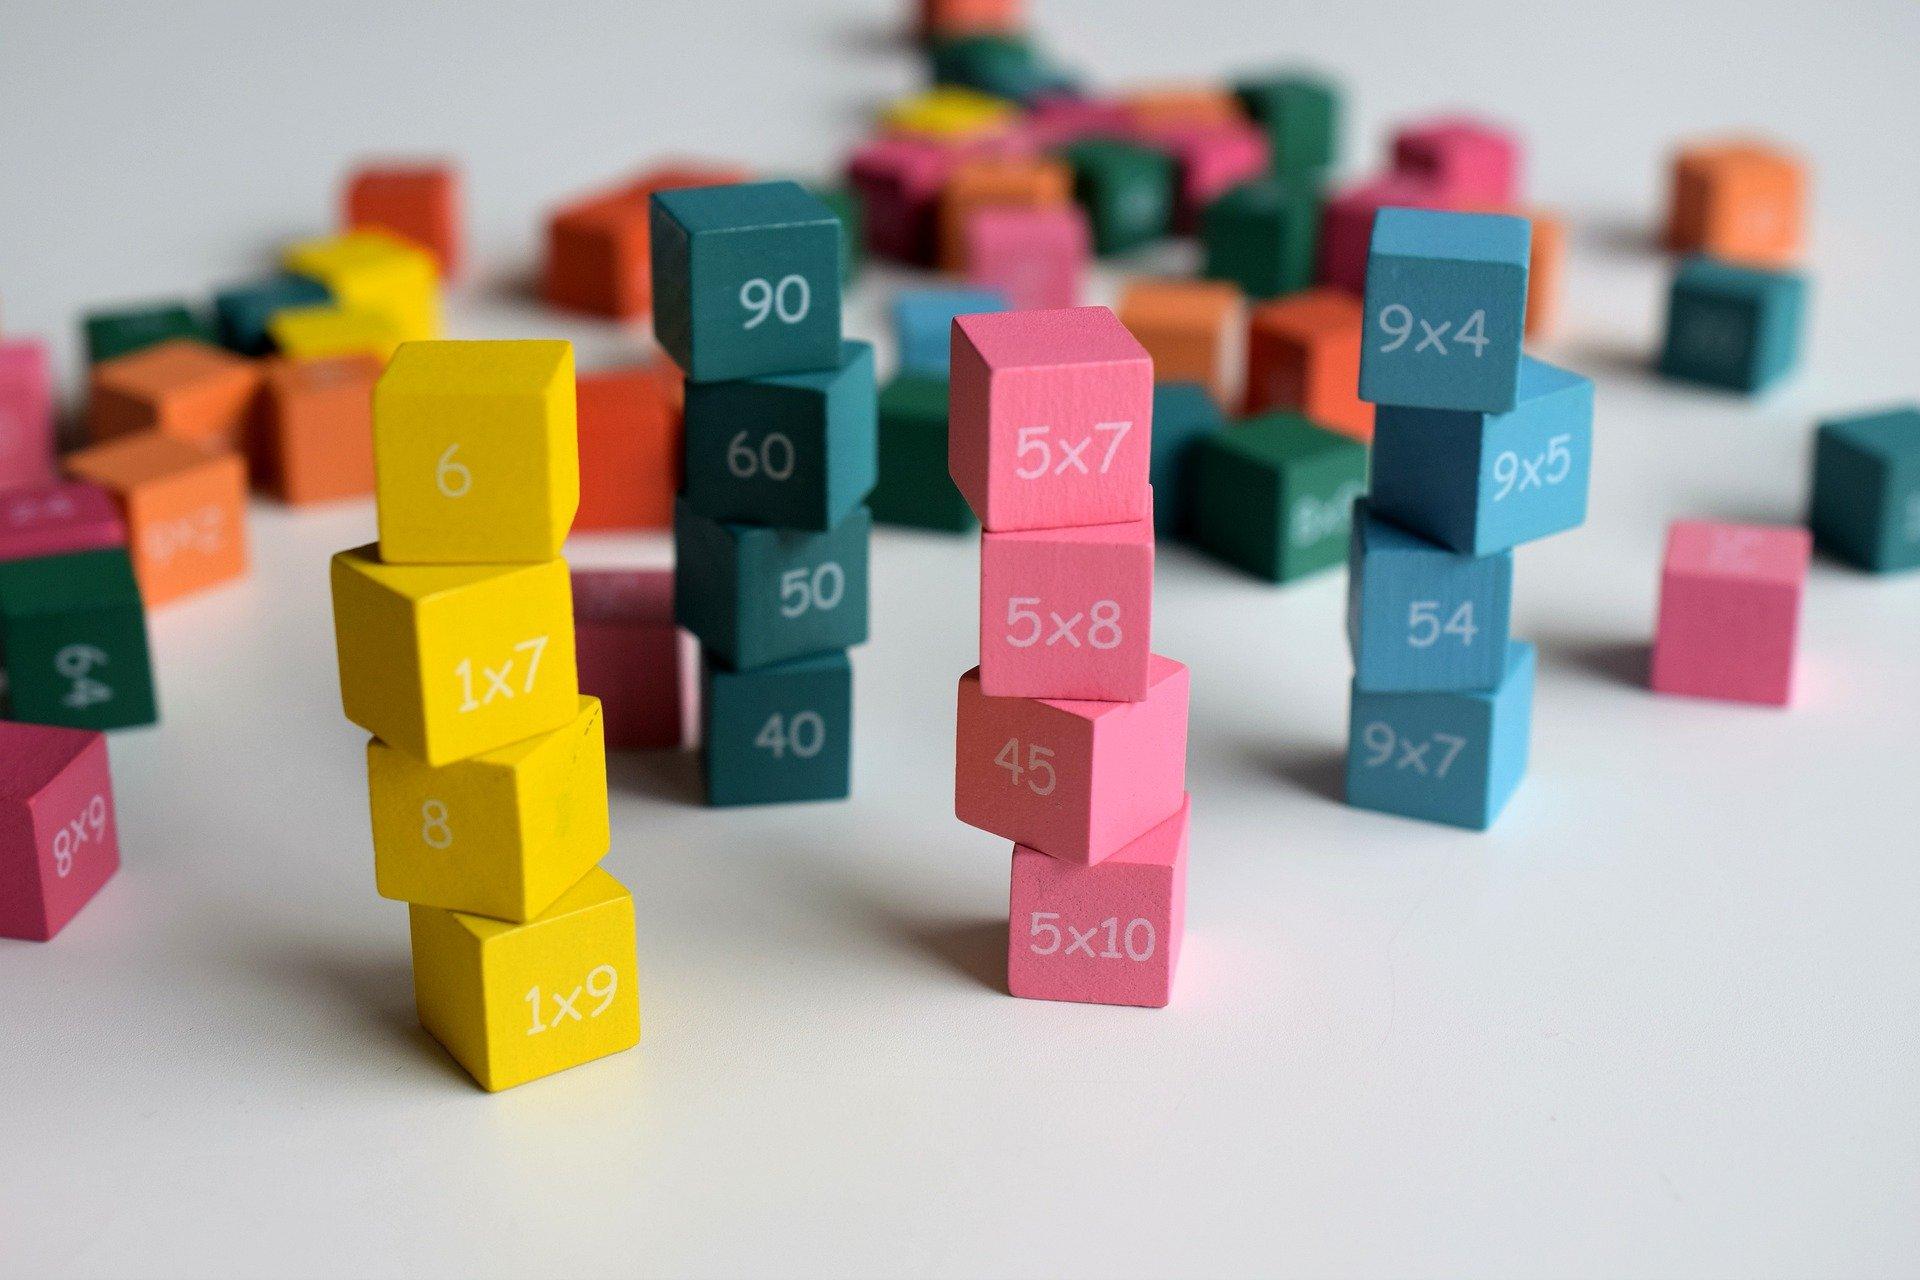 dzielenie działania quiz dla dzieci matematyczny test wiedzy matematyka nauka działania proste łatwe liczby cyfry